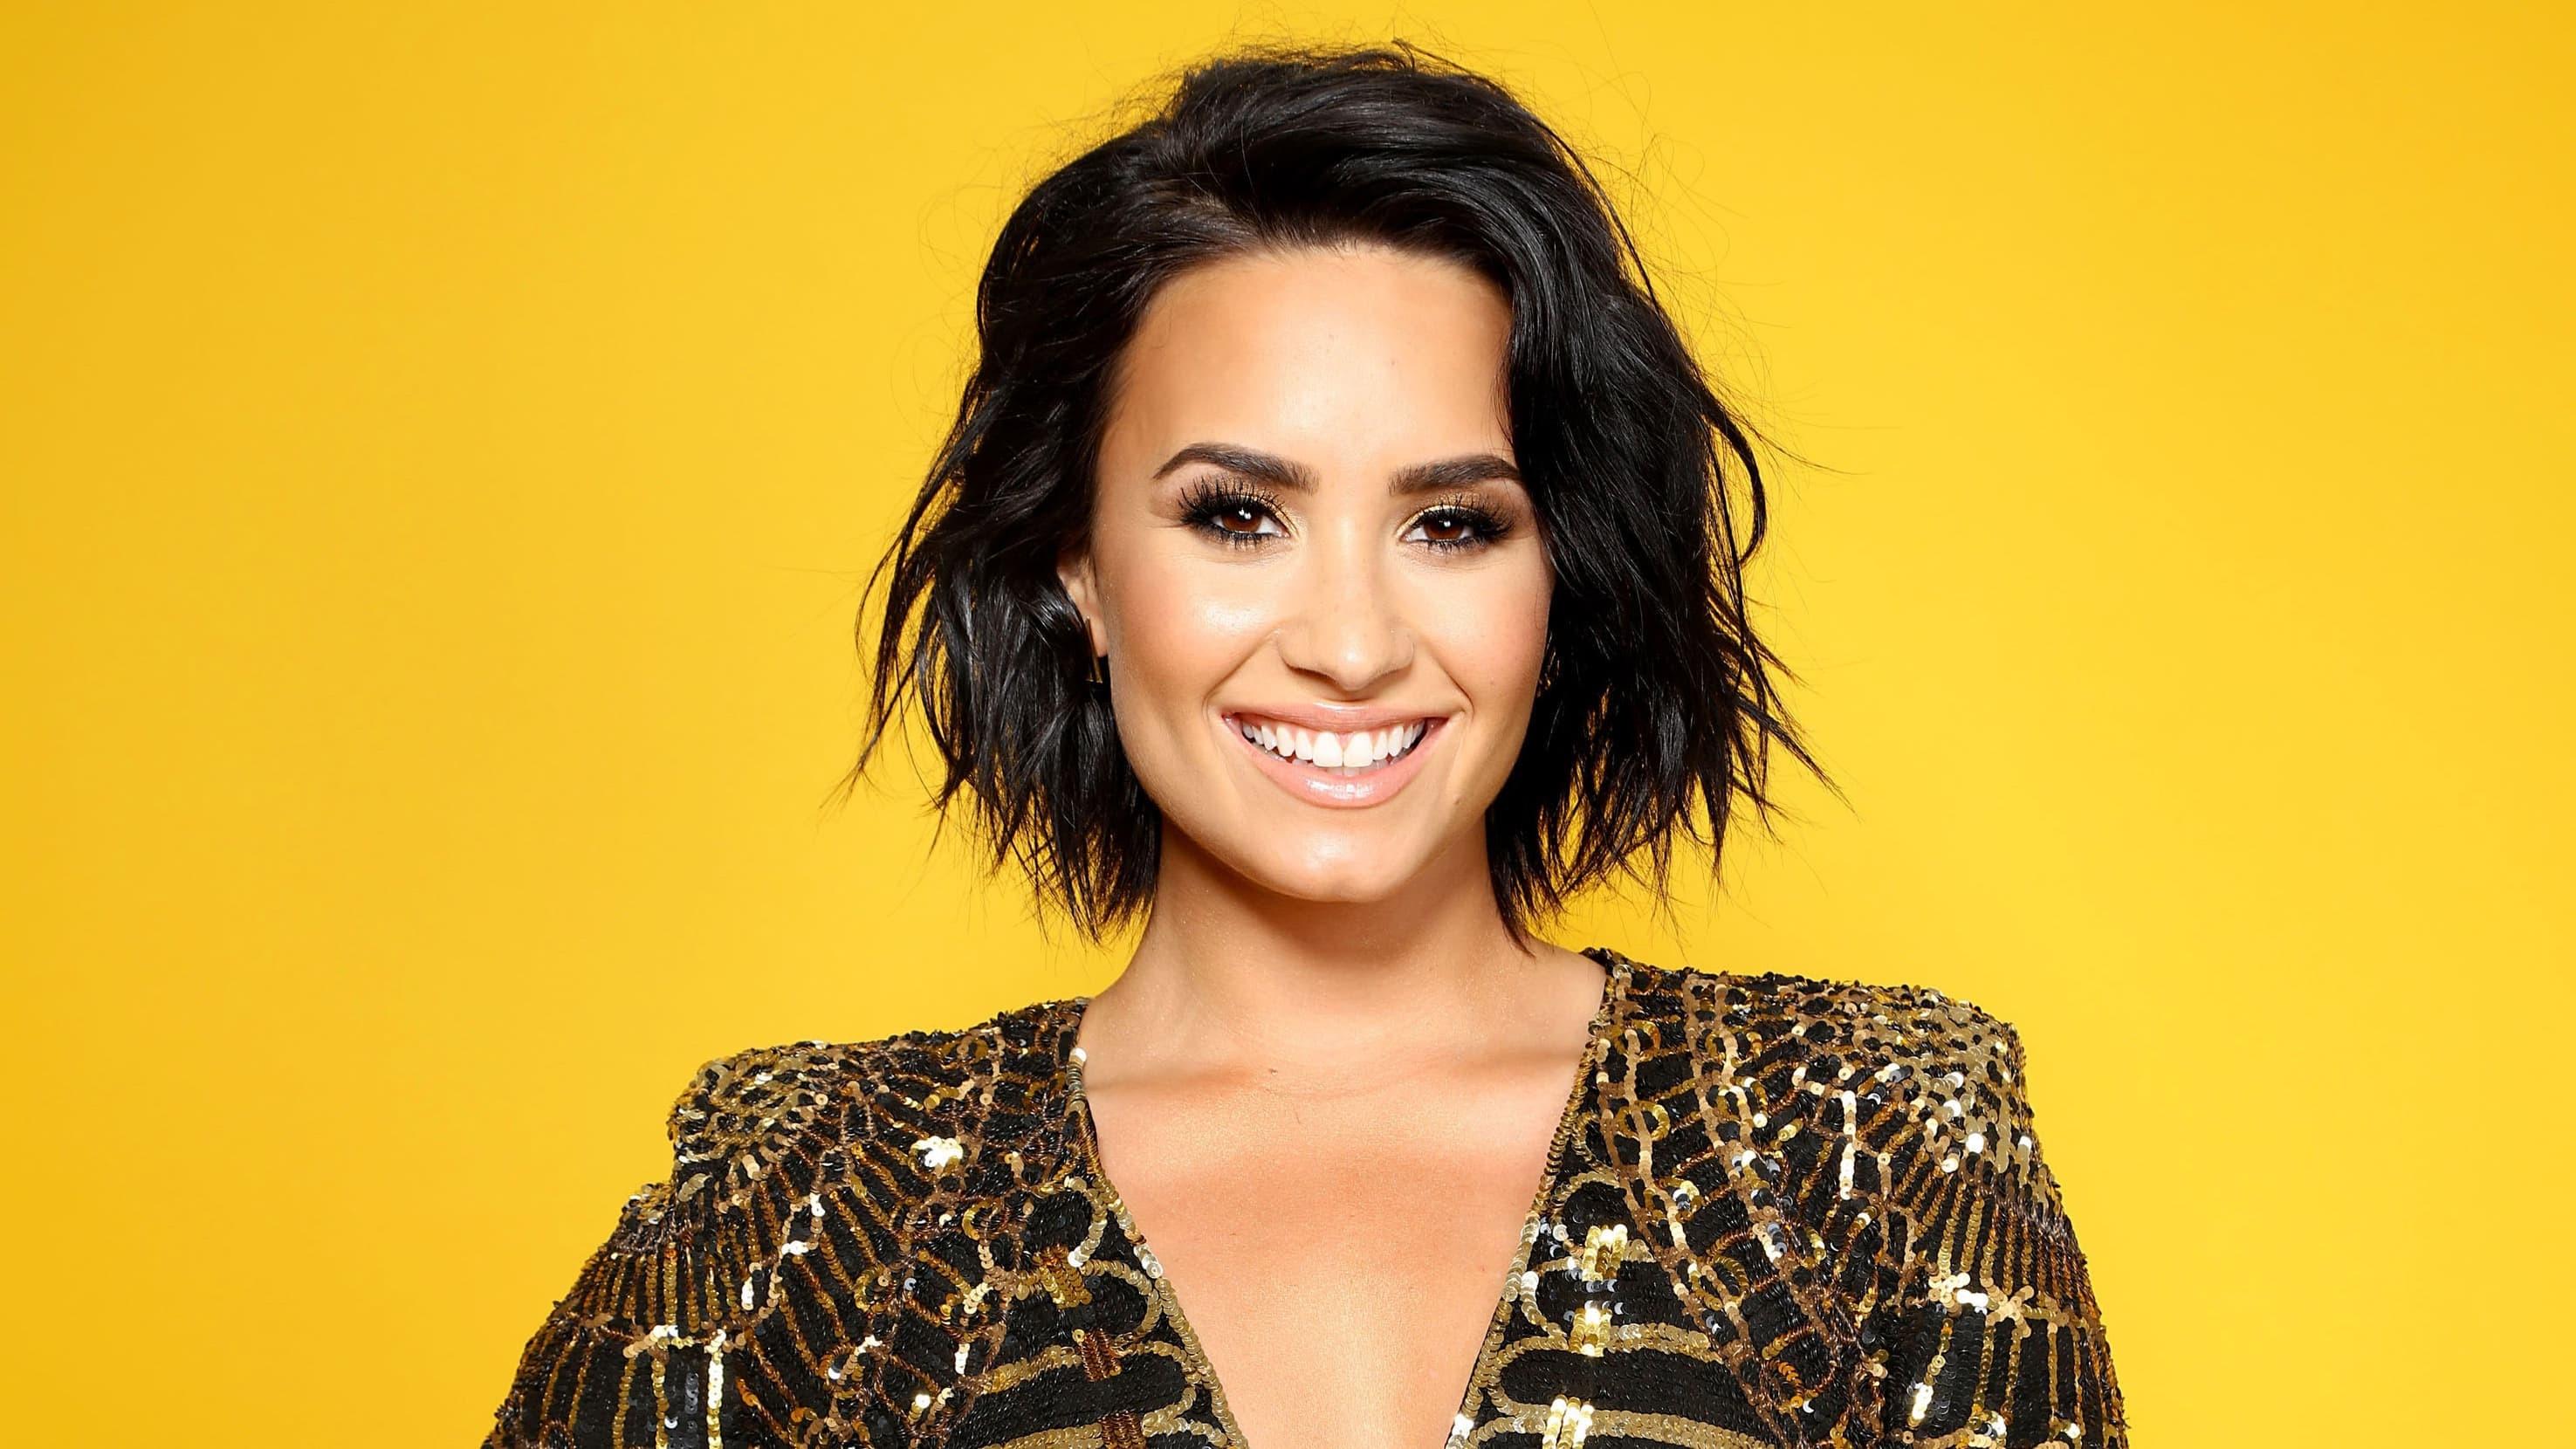 2951x1660 Beautiful Demi Lovato Wallpaper Hd Download HD